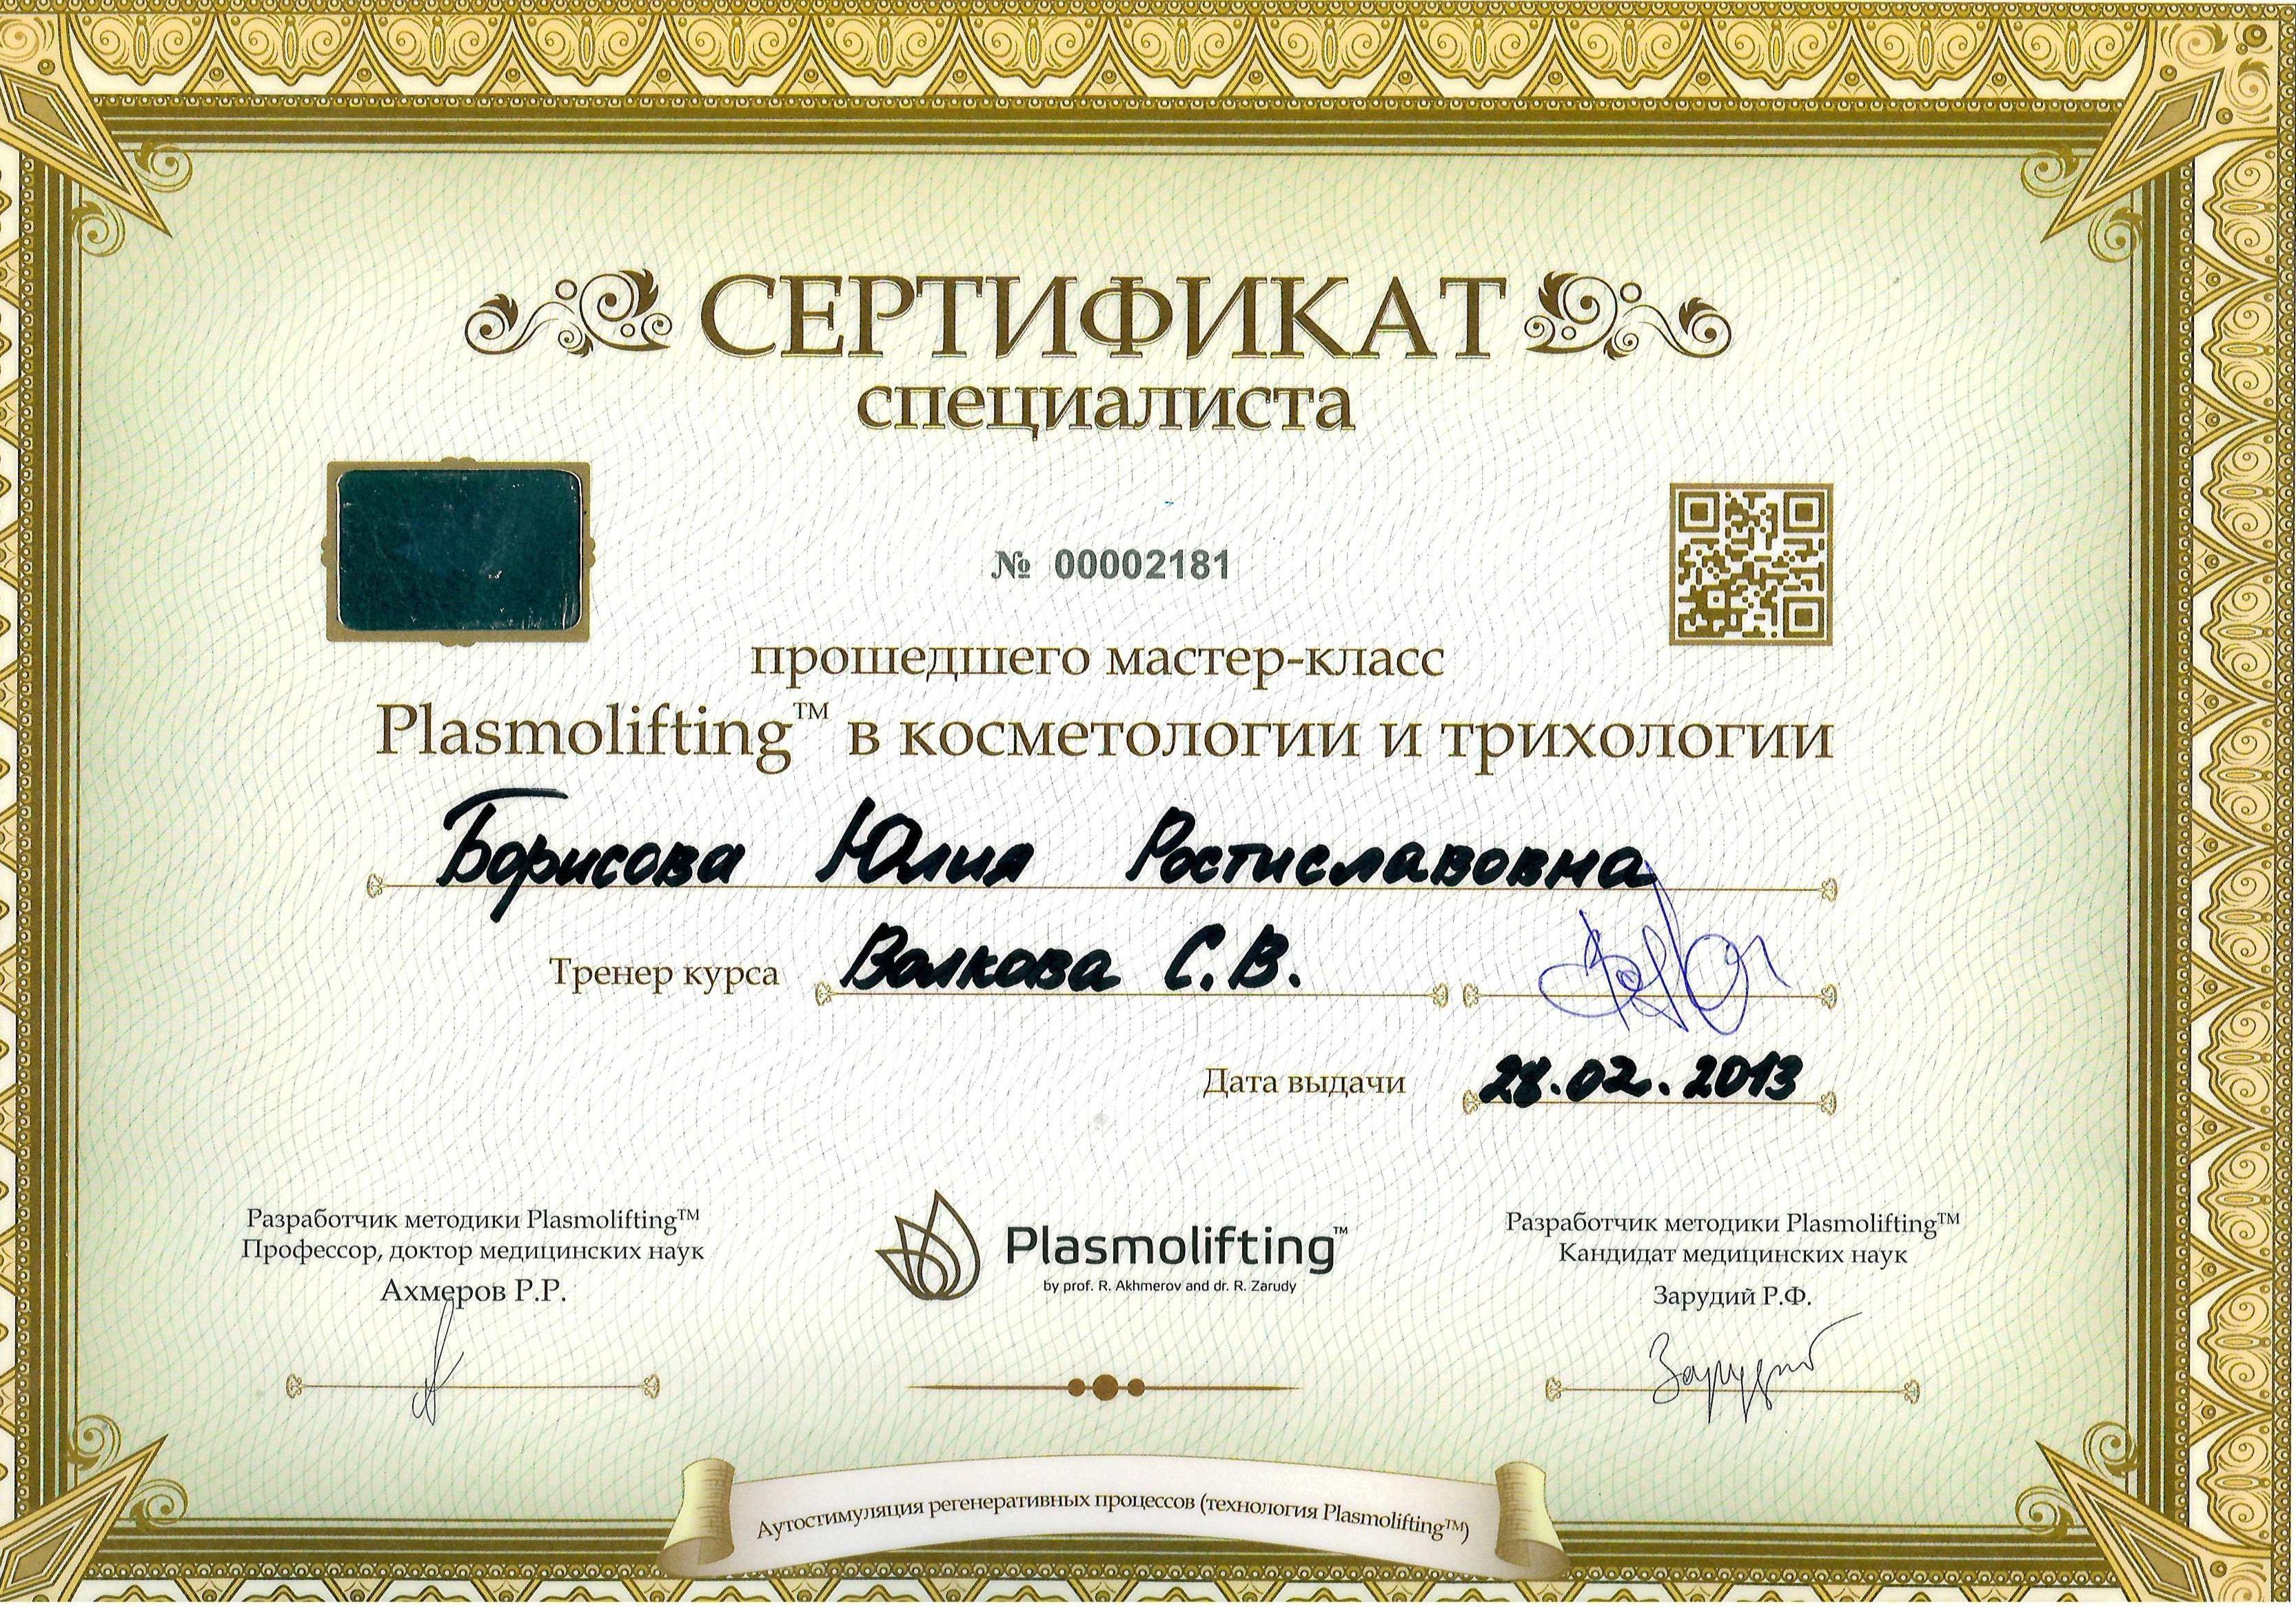 Сертификат — Plasmolifting. Григорьева Юлия Ростиславовна